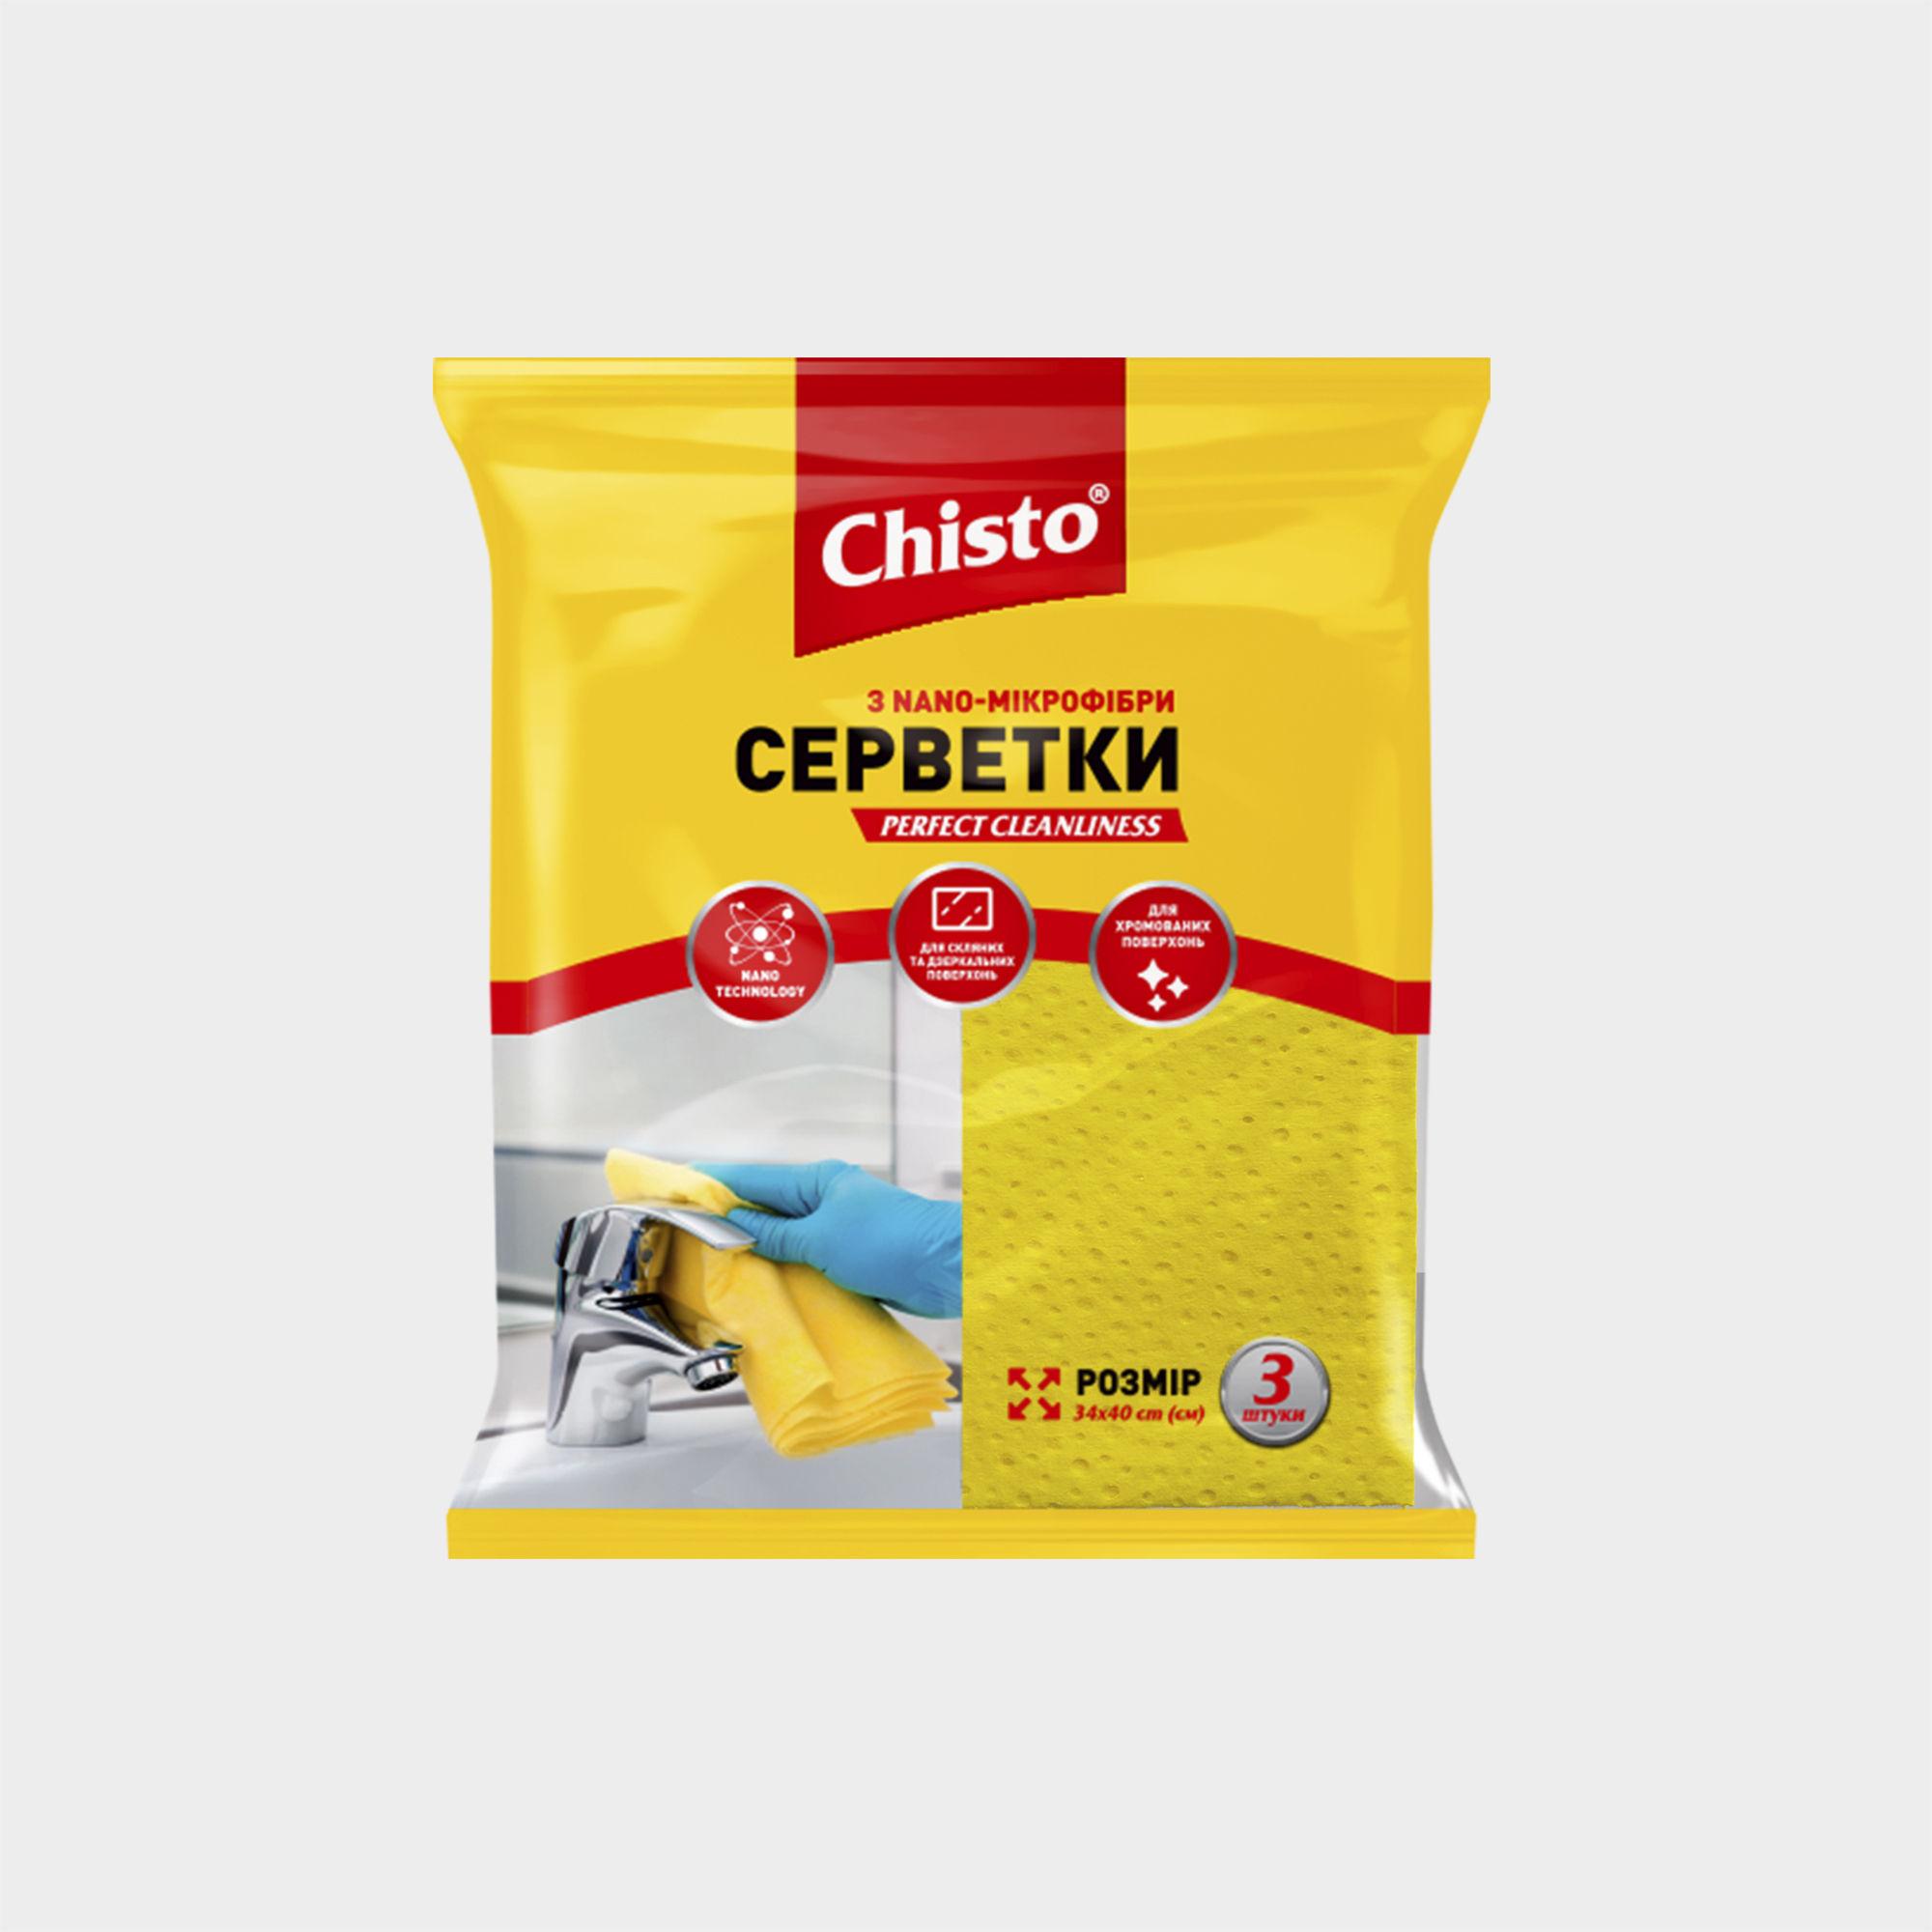 Салфетки из Nano-микрофибры для полировки Chisto